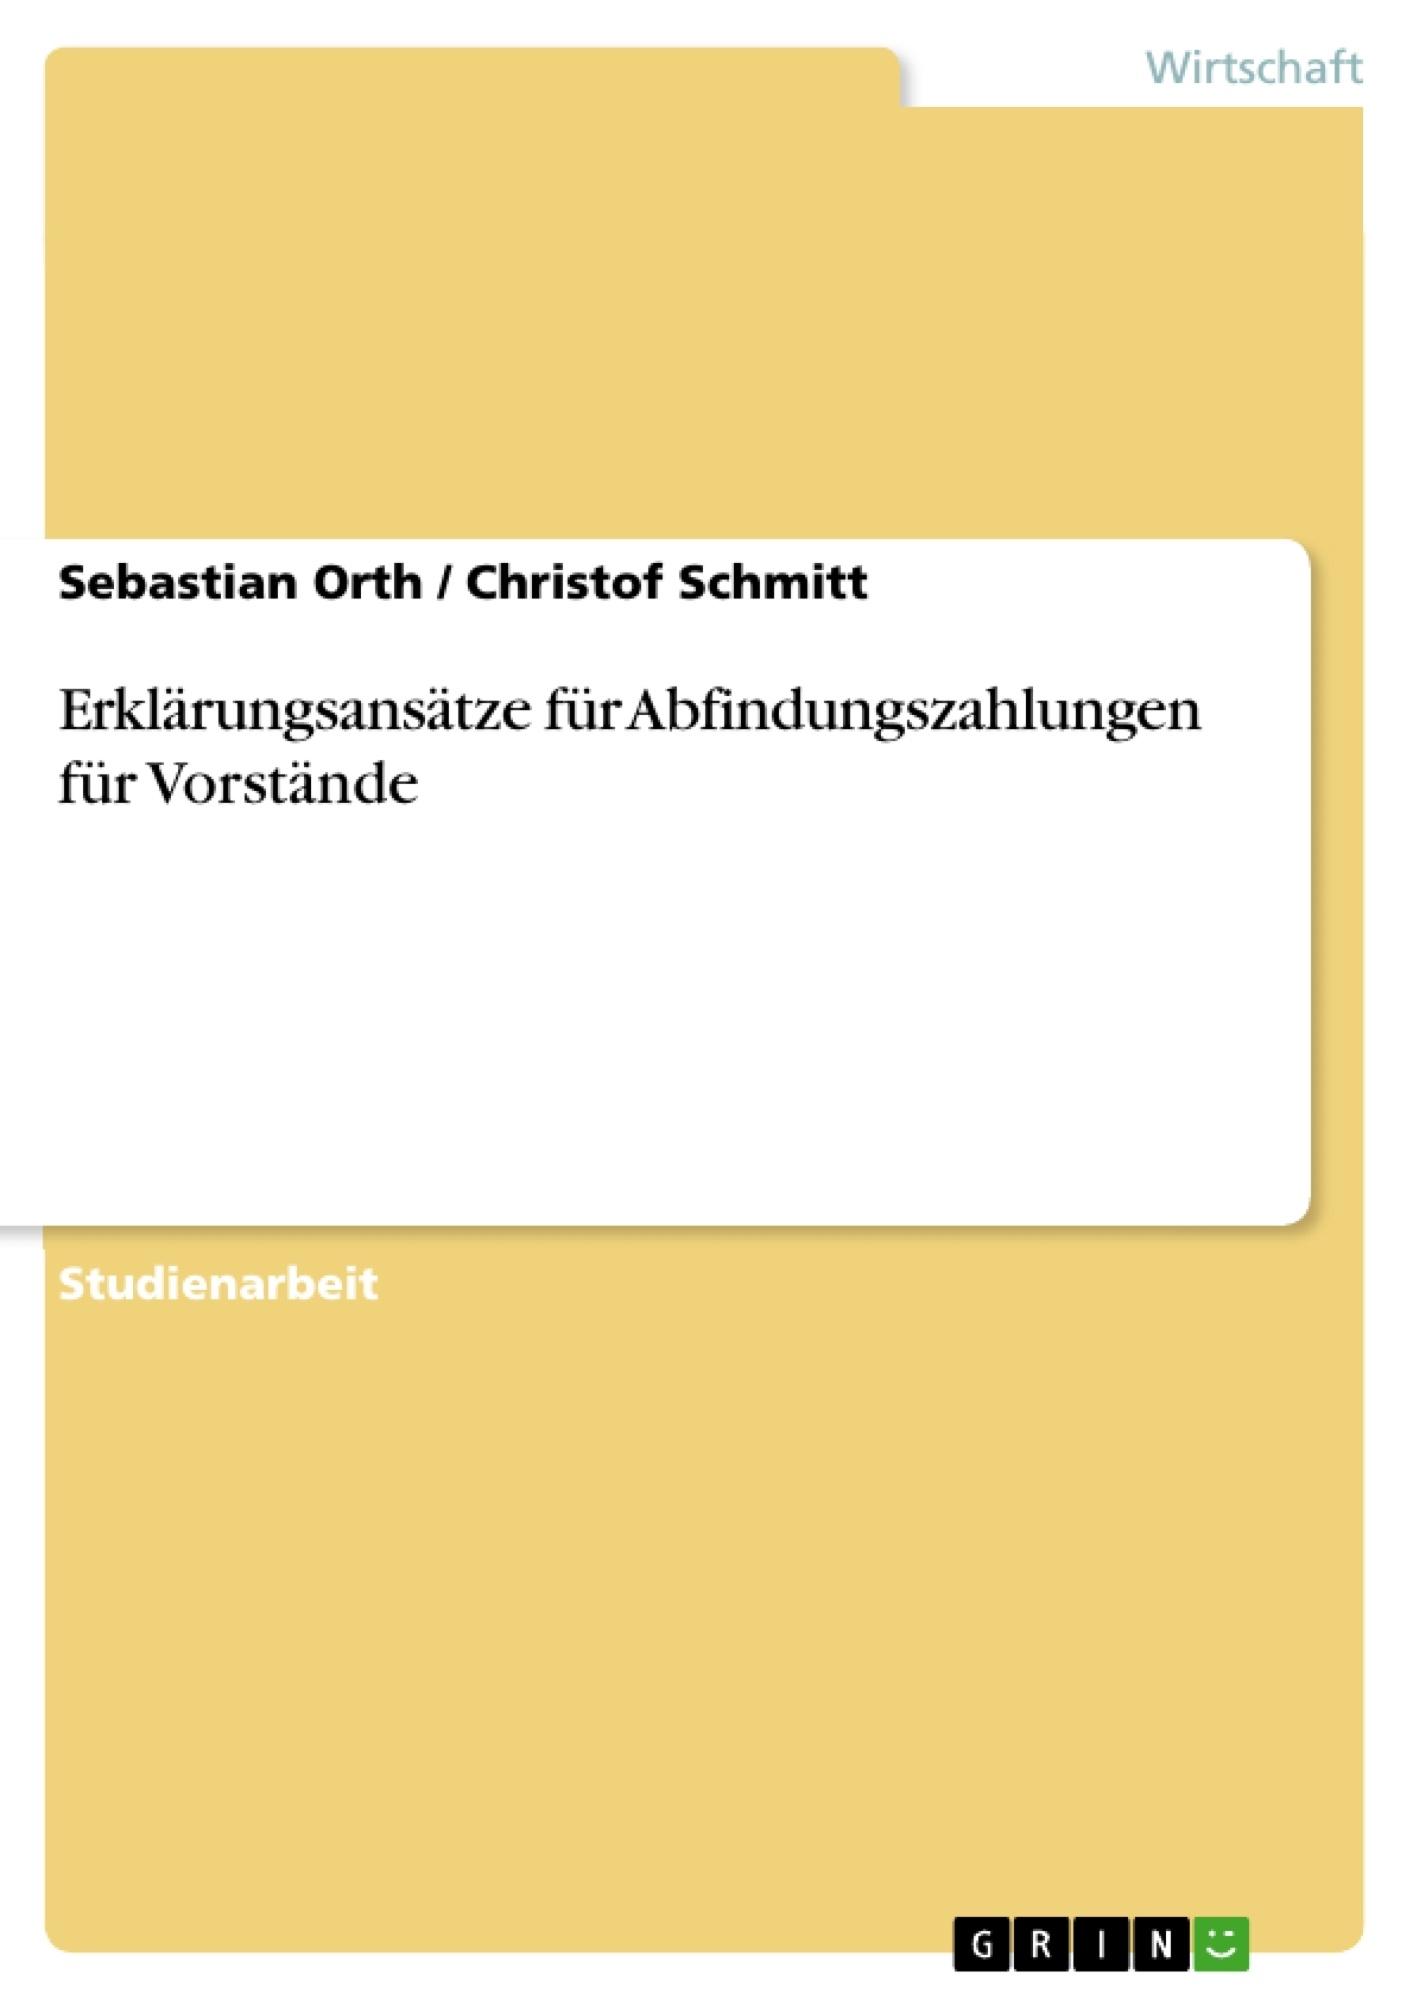 Titel: Erklärungsansätze für Abfindungszahlungen für Vorstände